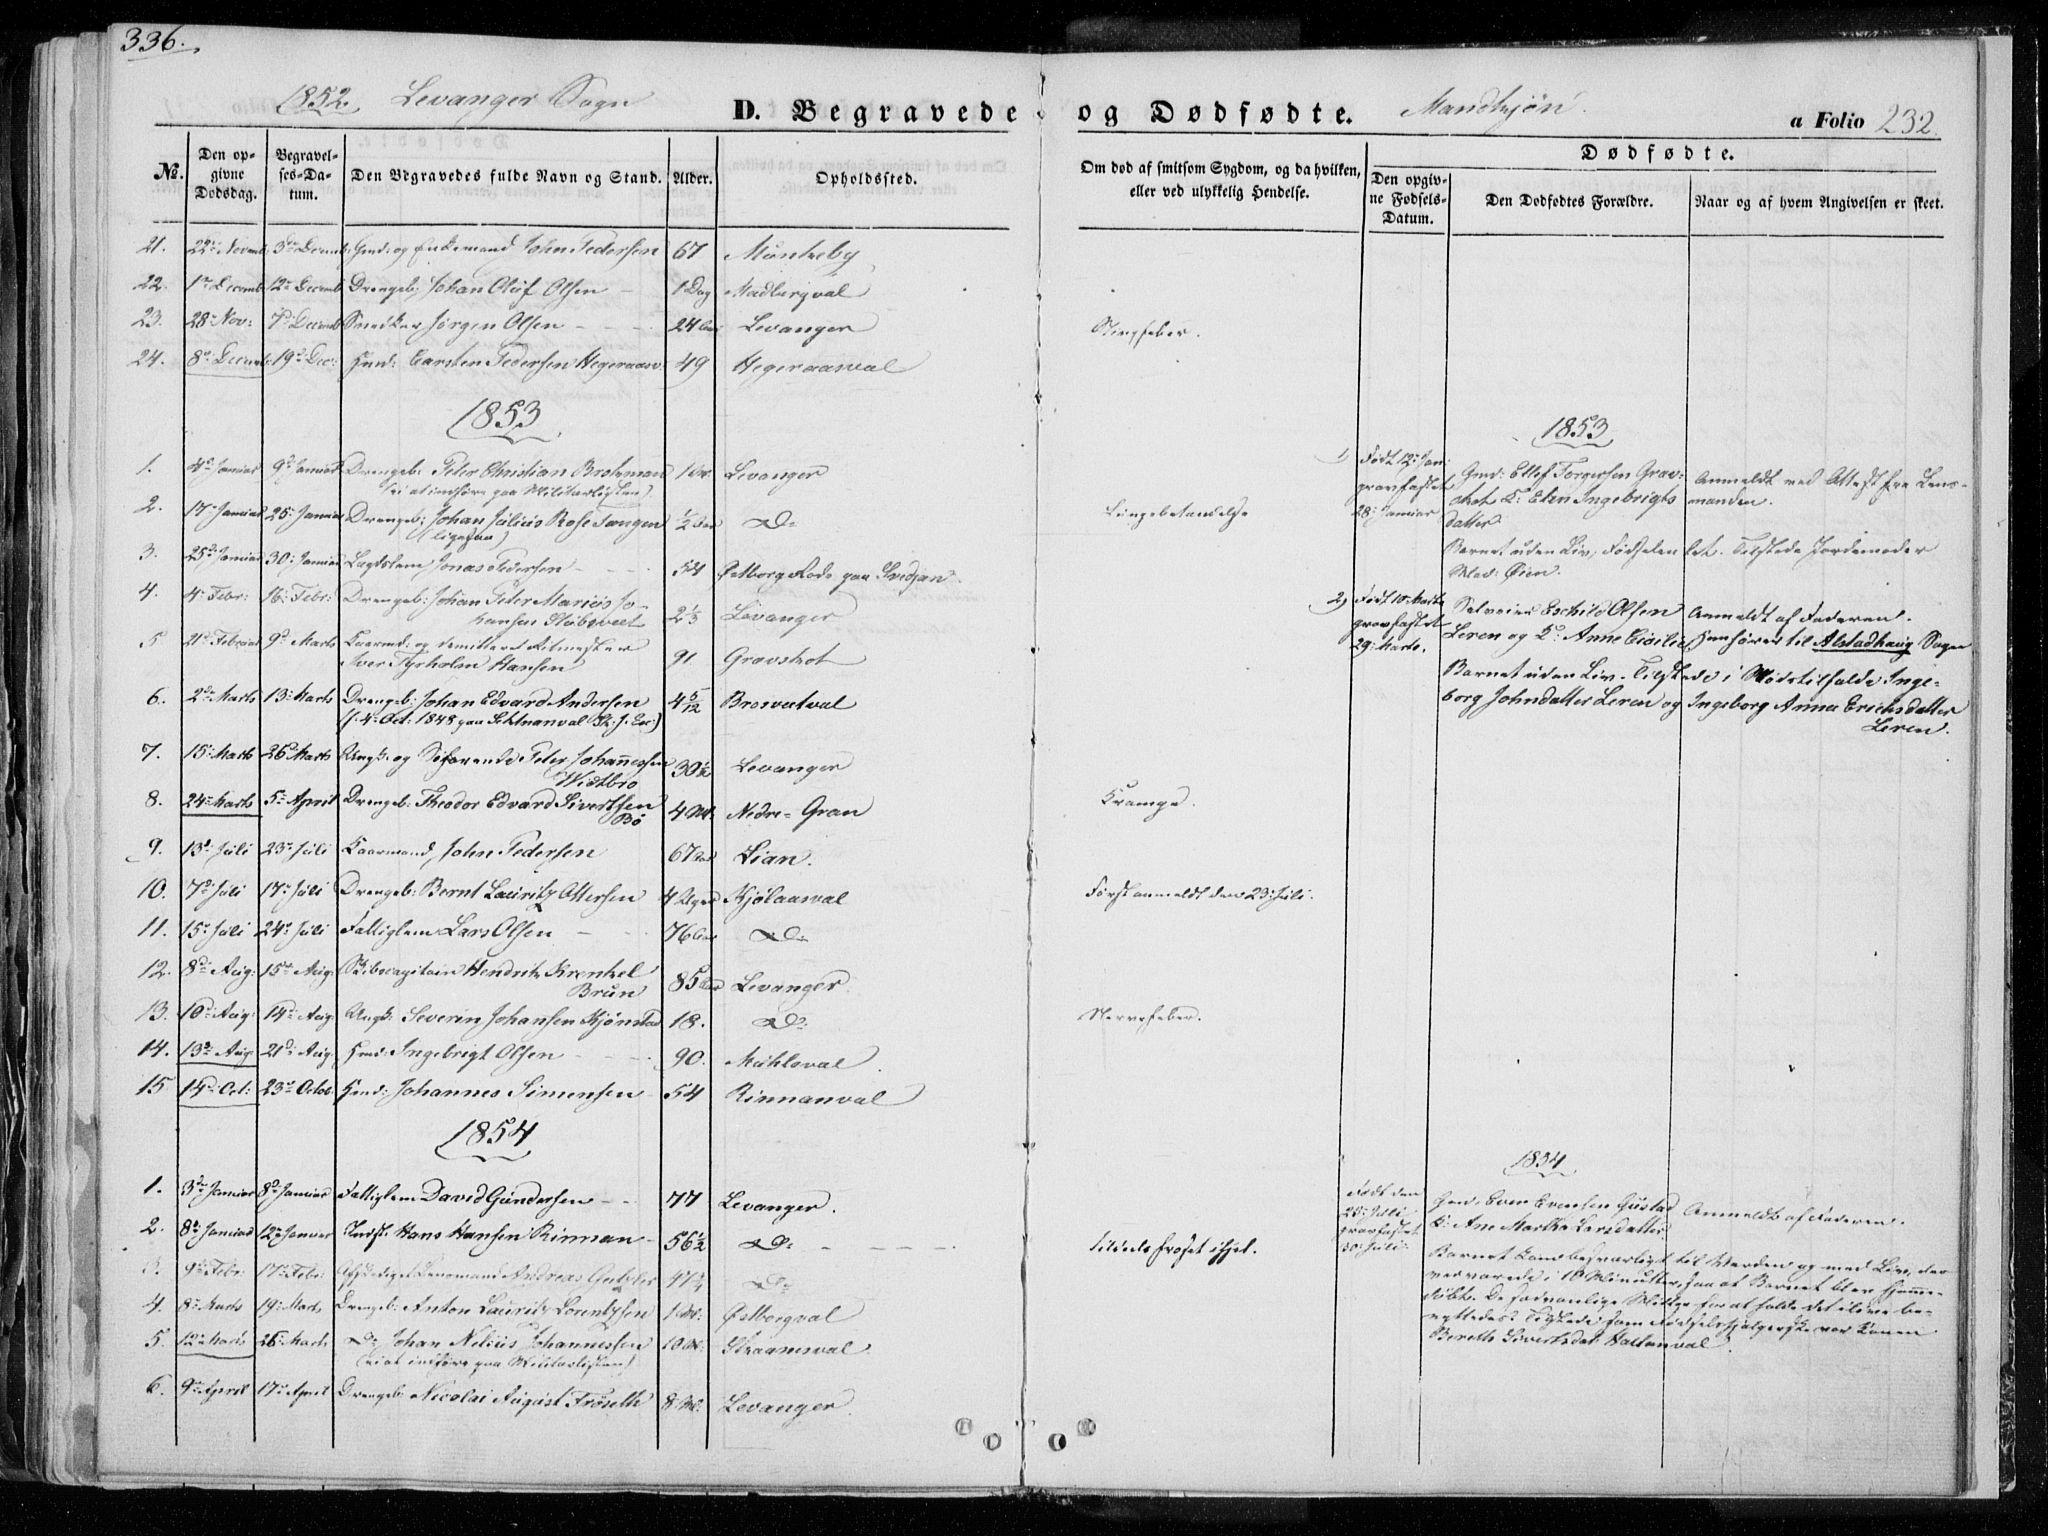 SAT, Ministerialprotokoller, klokkerbøker og fødselsregistre - Nord-Trøndelag, 720/L0183: Ministerialbok nr. 720A01, 1836-1855, s. 232